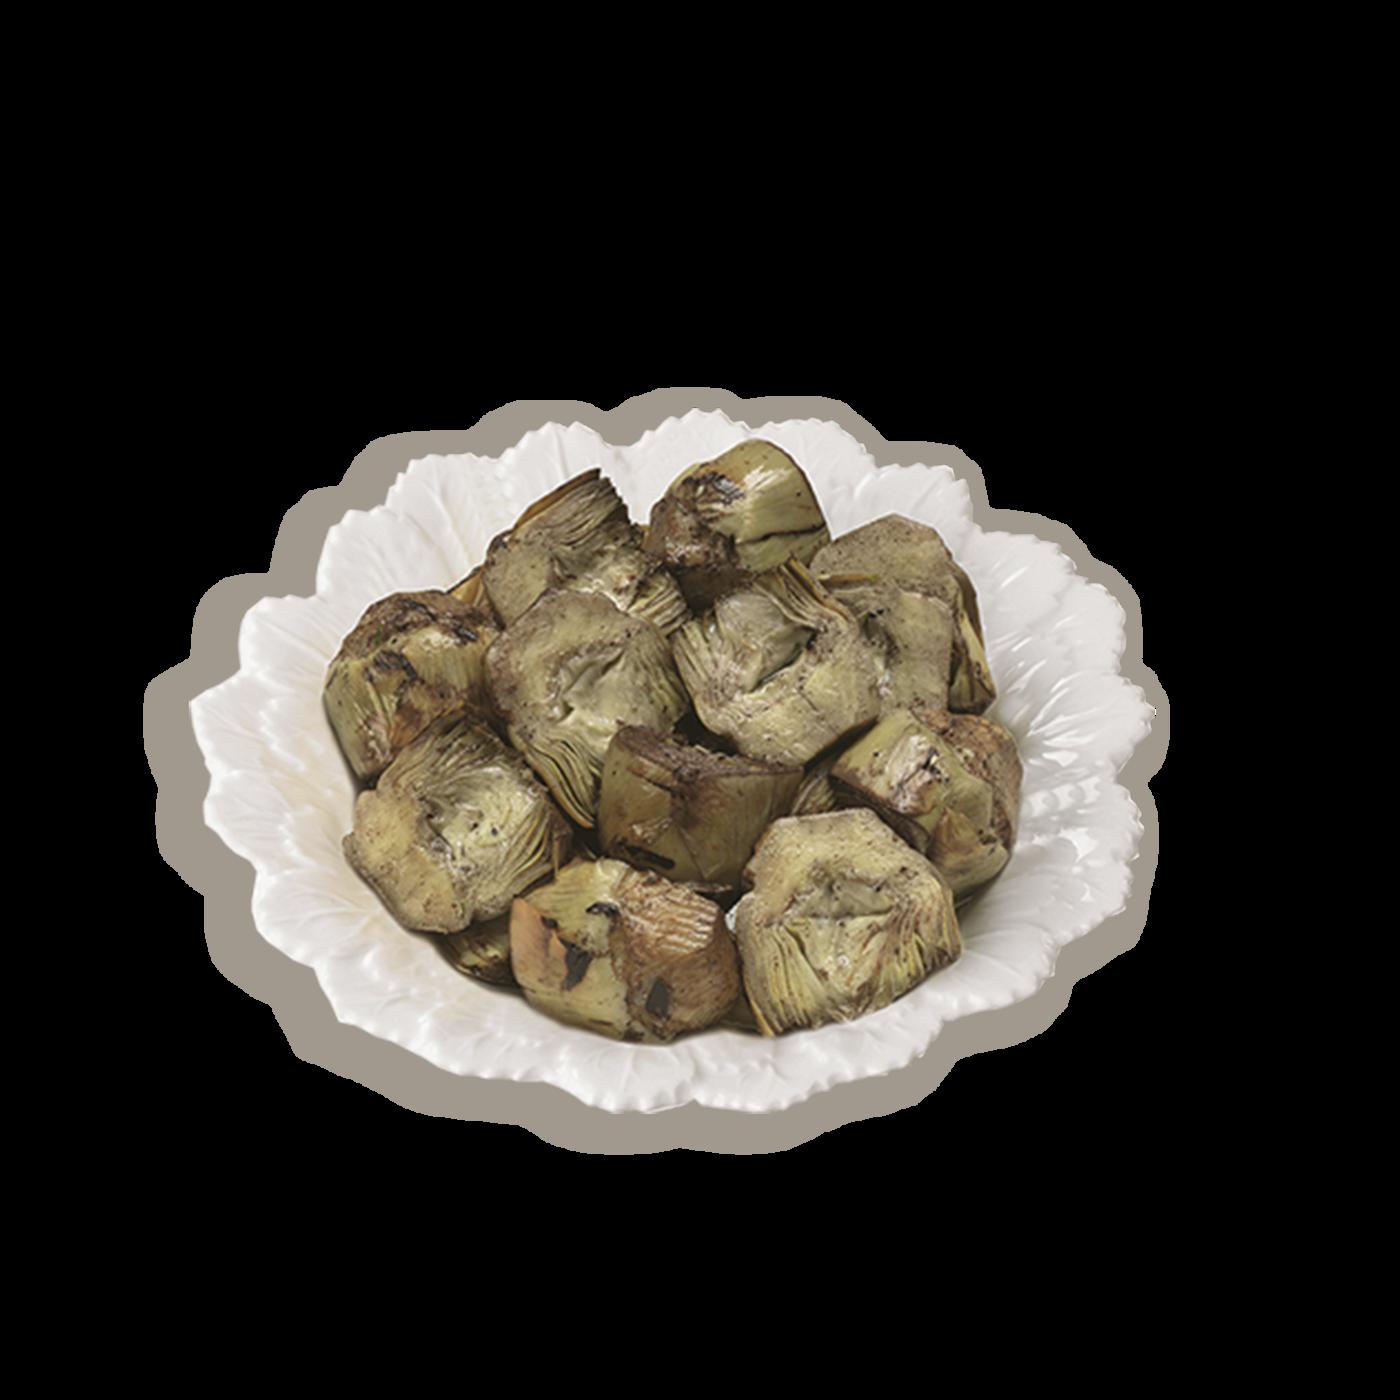 Corazones de alcachofas a la rustica (cortadas y asadas)